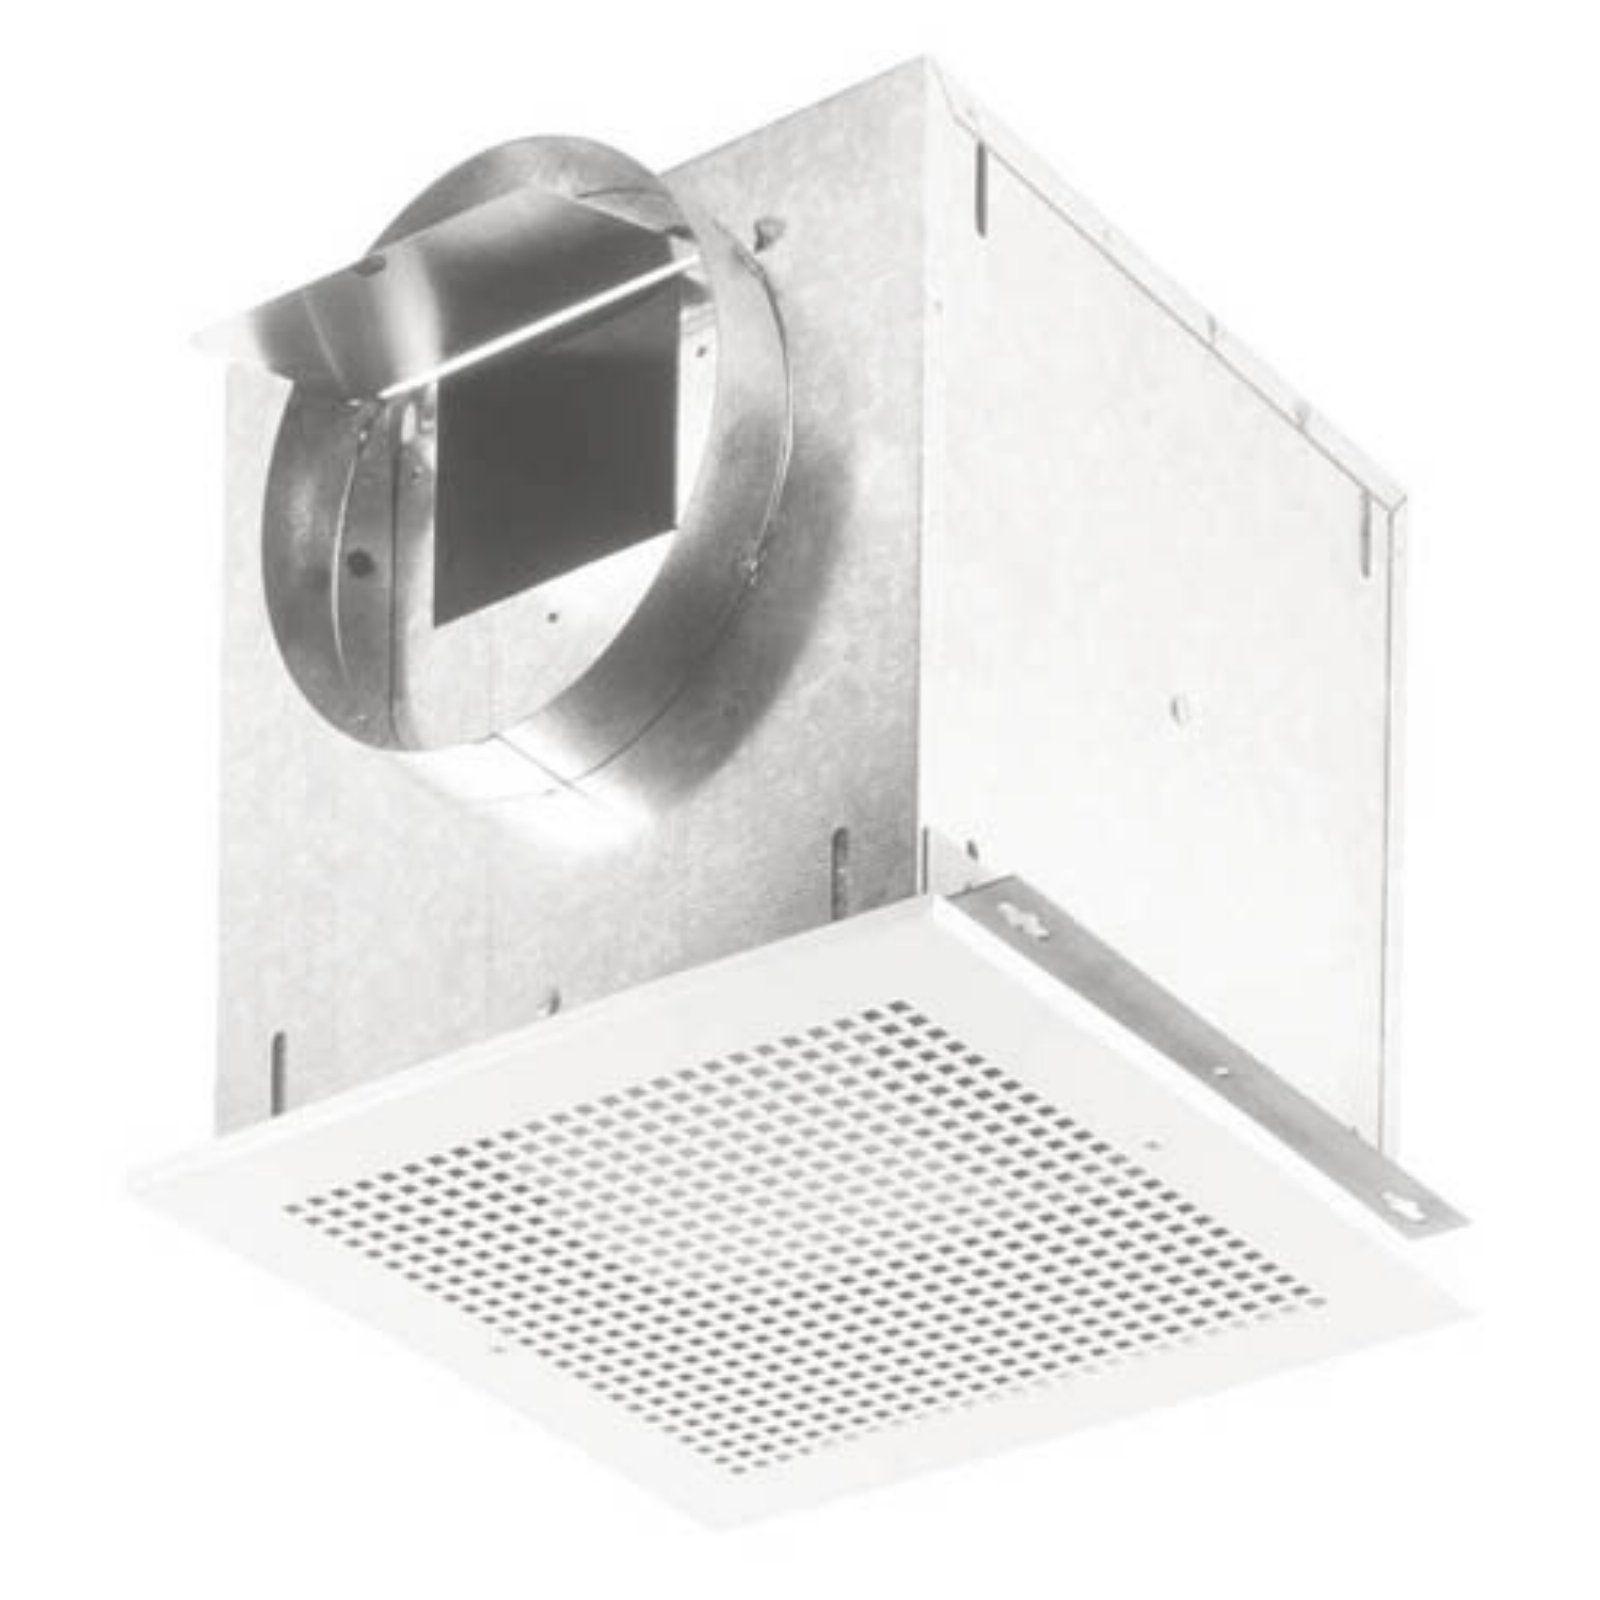 Broan Nutone L200mg High Capacity Ventilation Fan With Metal Grille Bathroom Fan Ventilation Fan Exhaust Fan